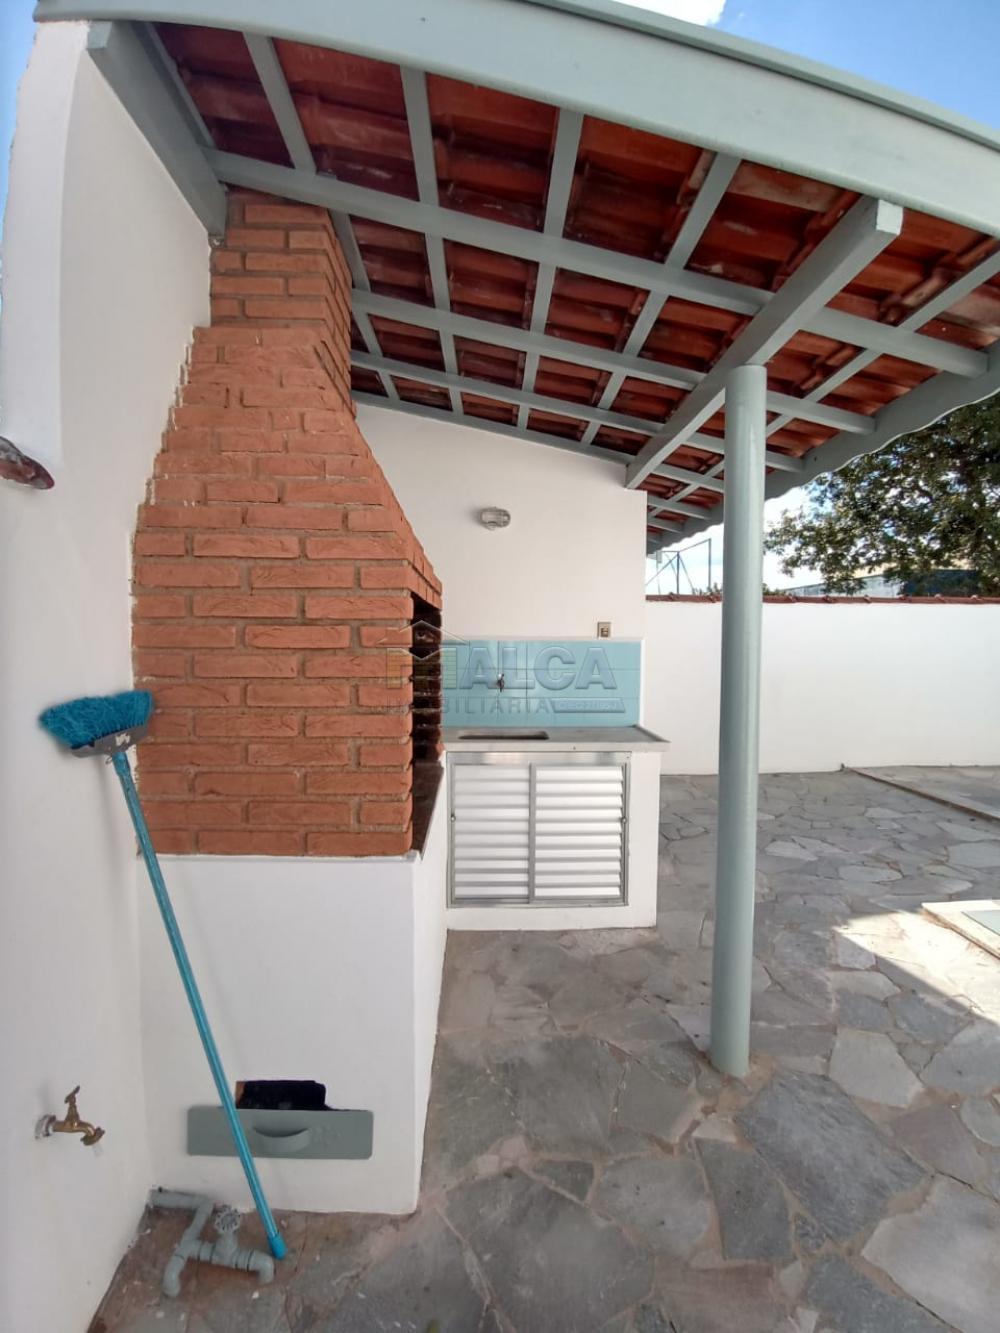 Alugar Casas / Padrão em São José do Rio Pardo apenas R$ 2.500,00 - Foto 27